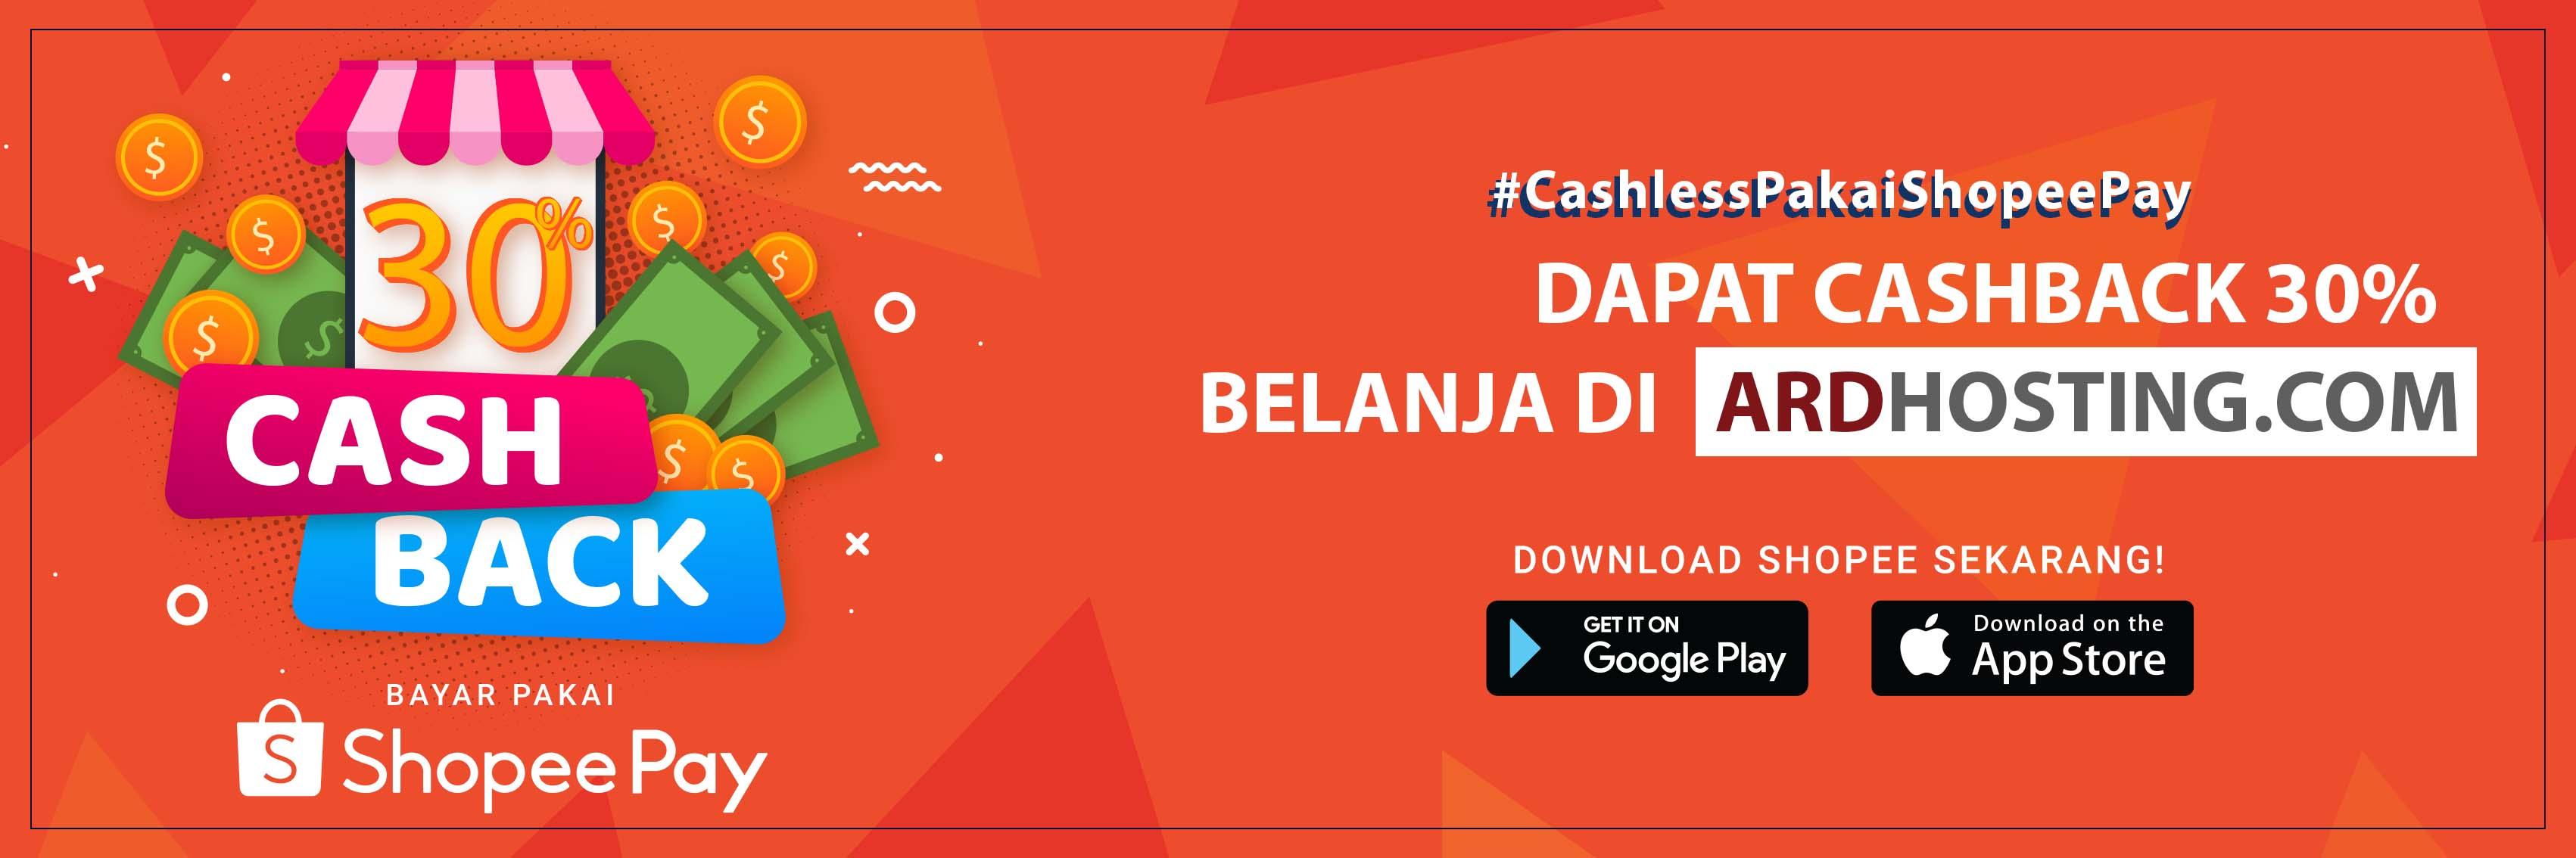 Promo Shopeepay Cashback 30 Ardhosting